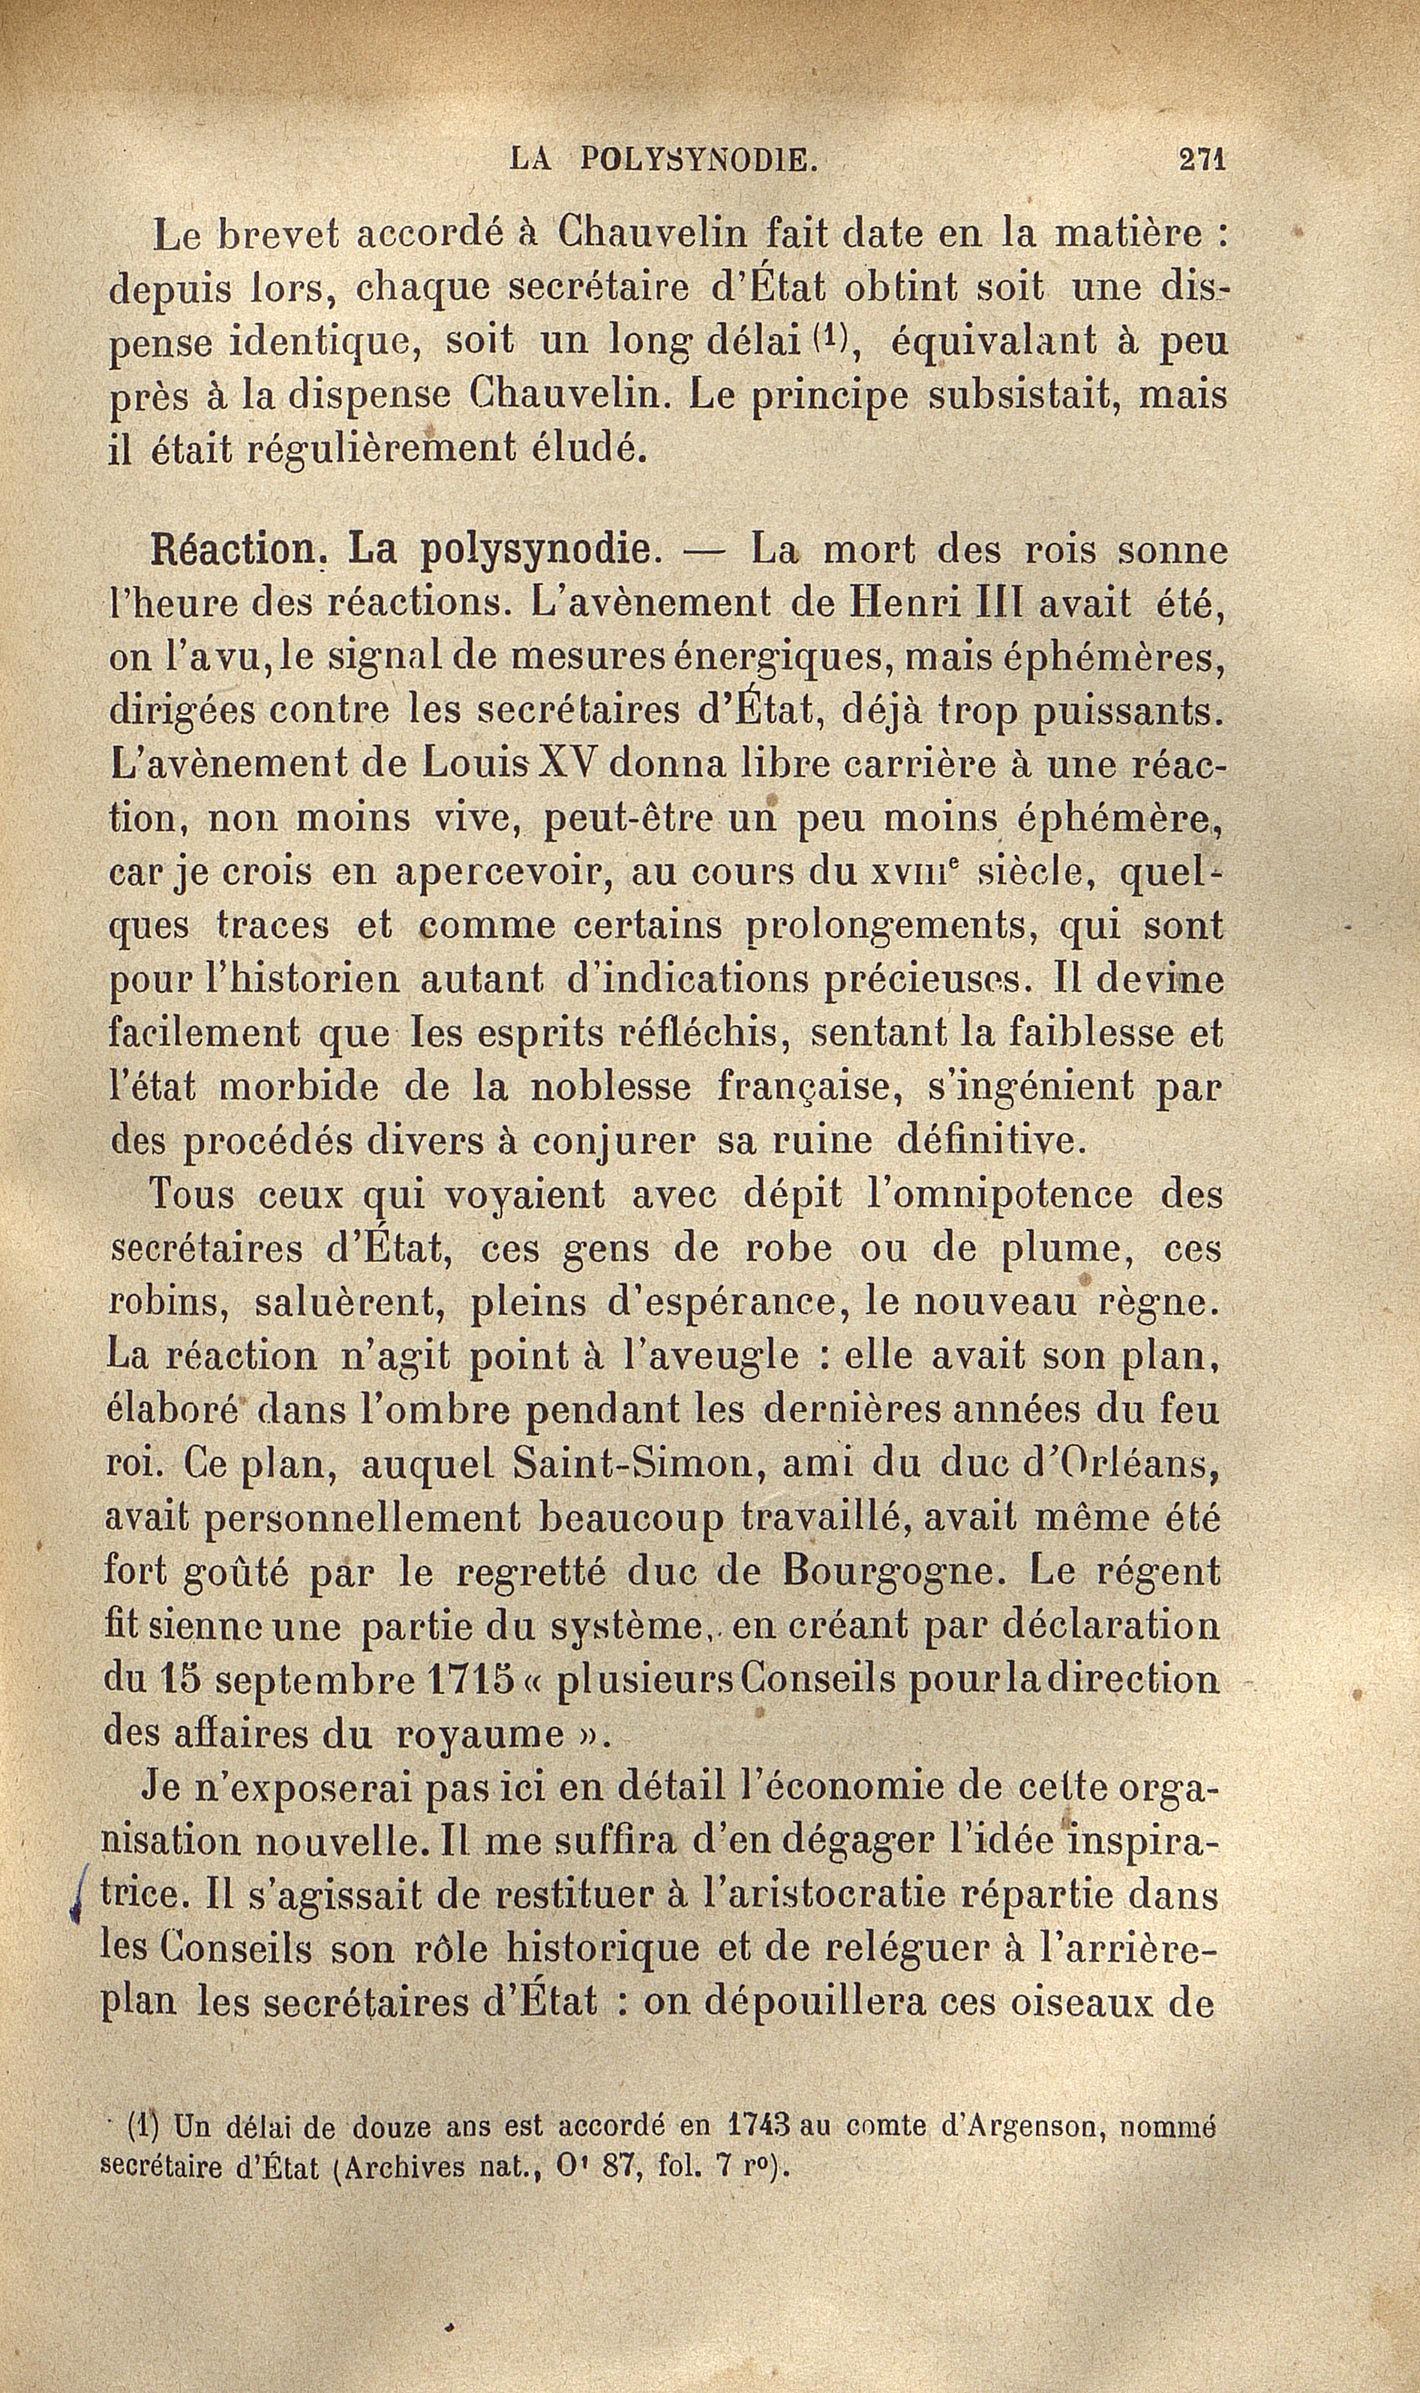 http://expo-paulviollet.univ-paris1.fr/wp-content/uploads/2016/02/0605381272_0285.jpg